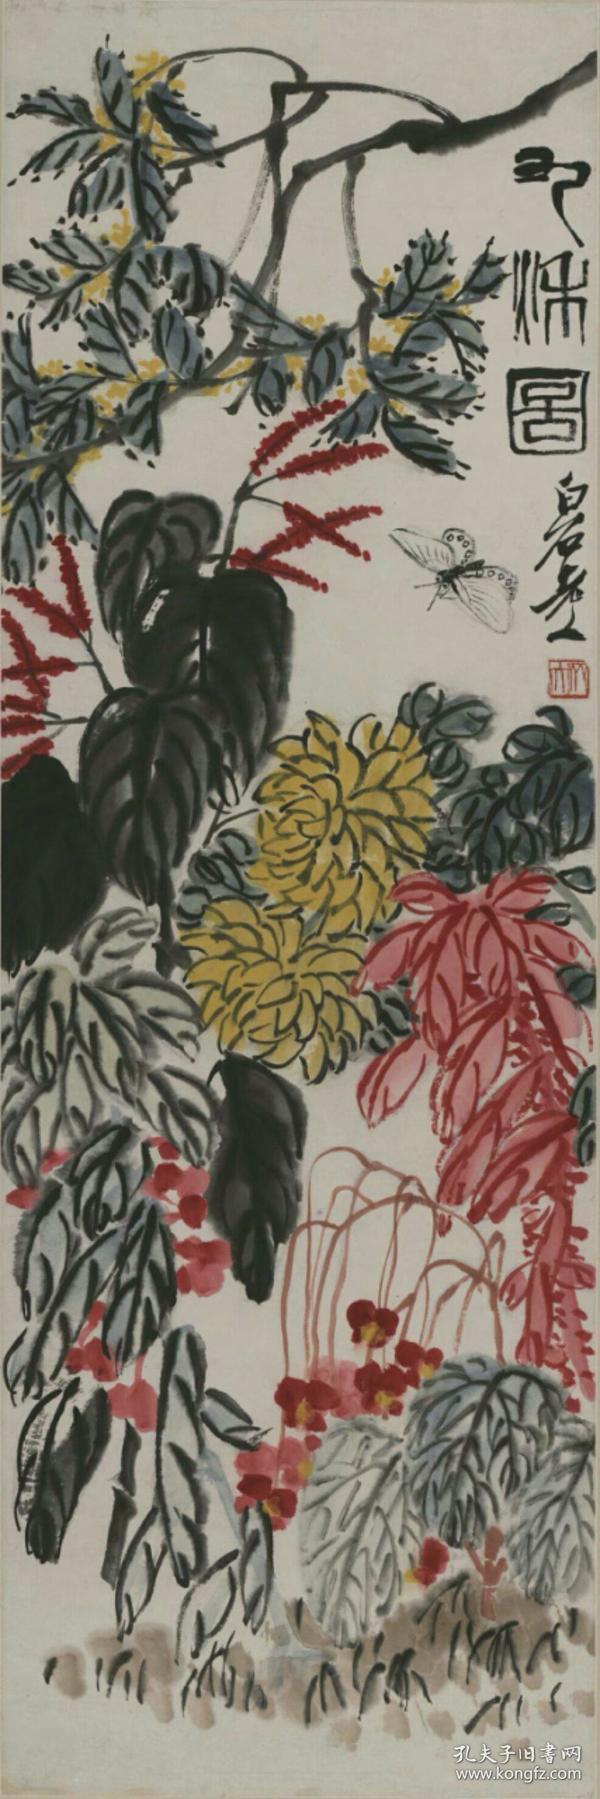 齐白石 红花绿叶蝴蝶图     。纸本大小35**105厘米。宣纸原色原大微喷印制